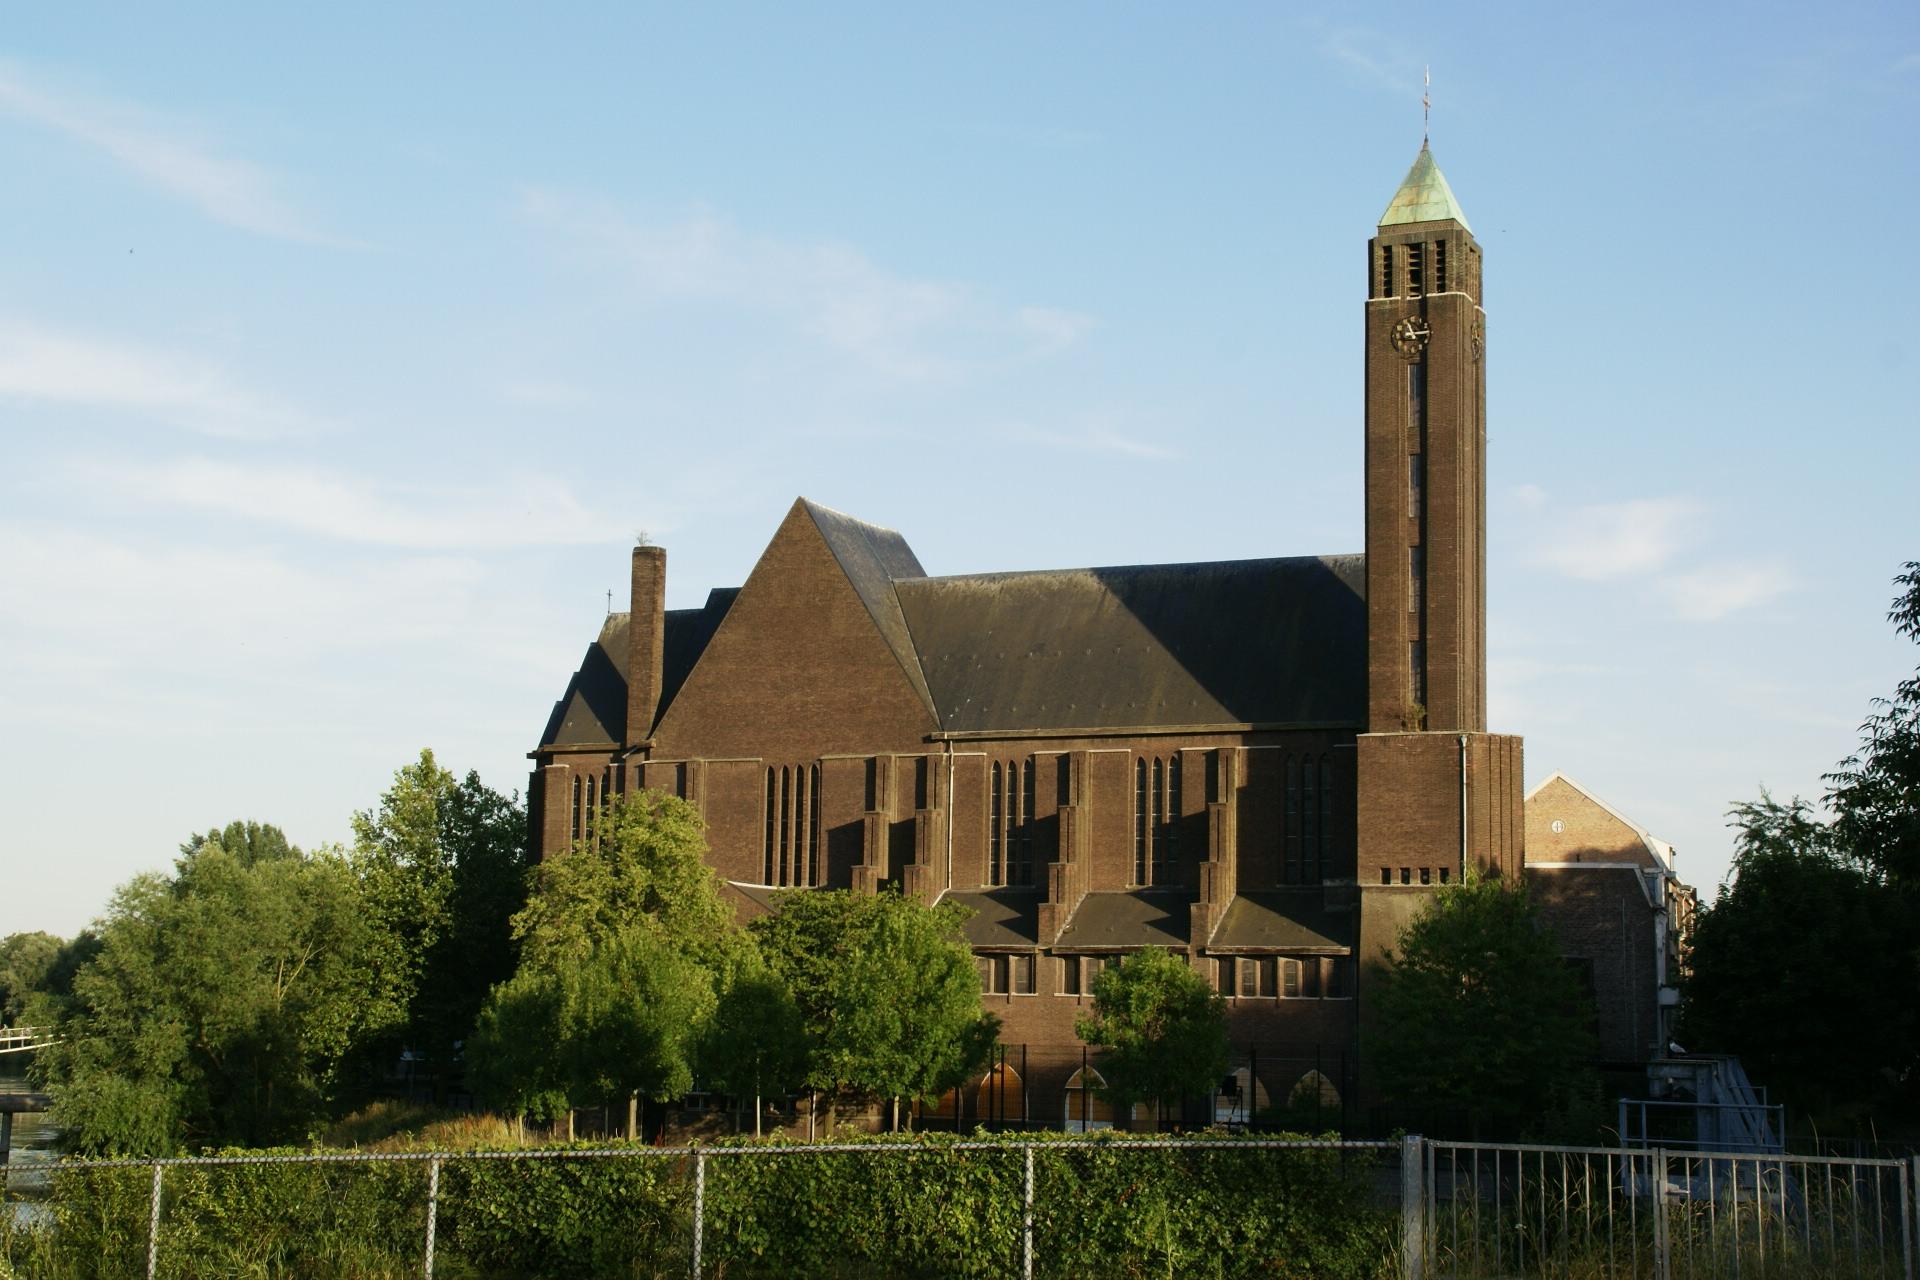 Sint hubertuskerk maastricht wikipedia - Expressionistische architectuur ...